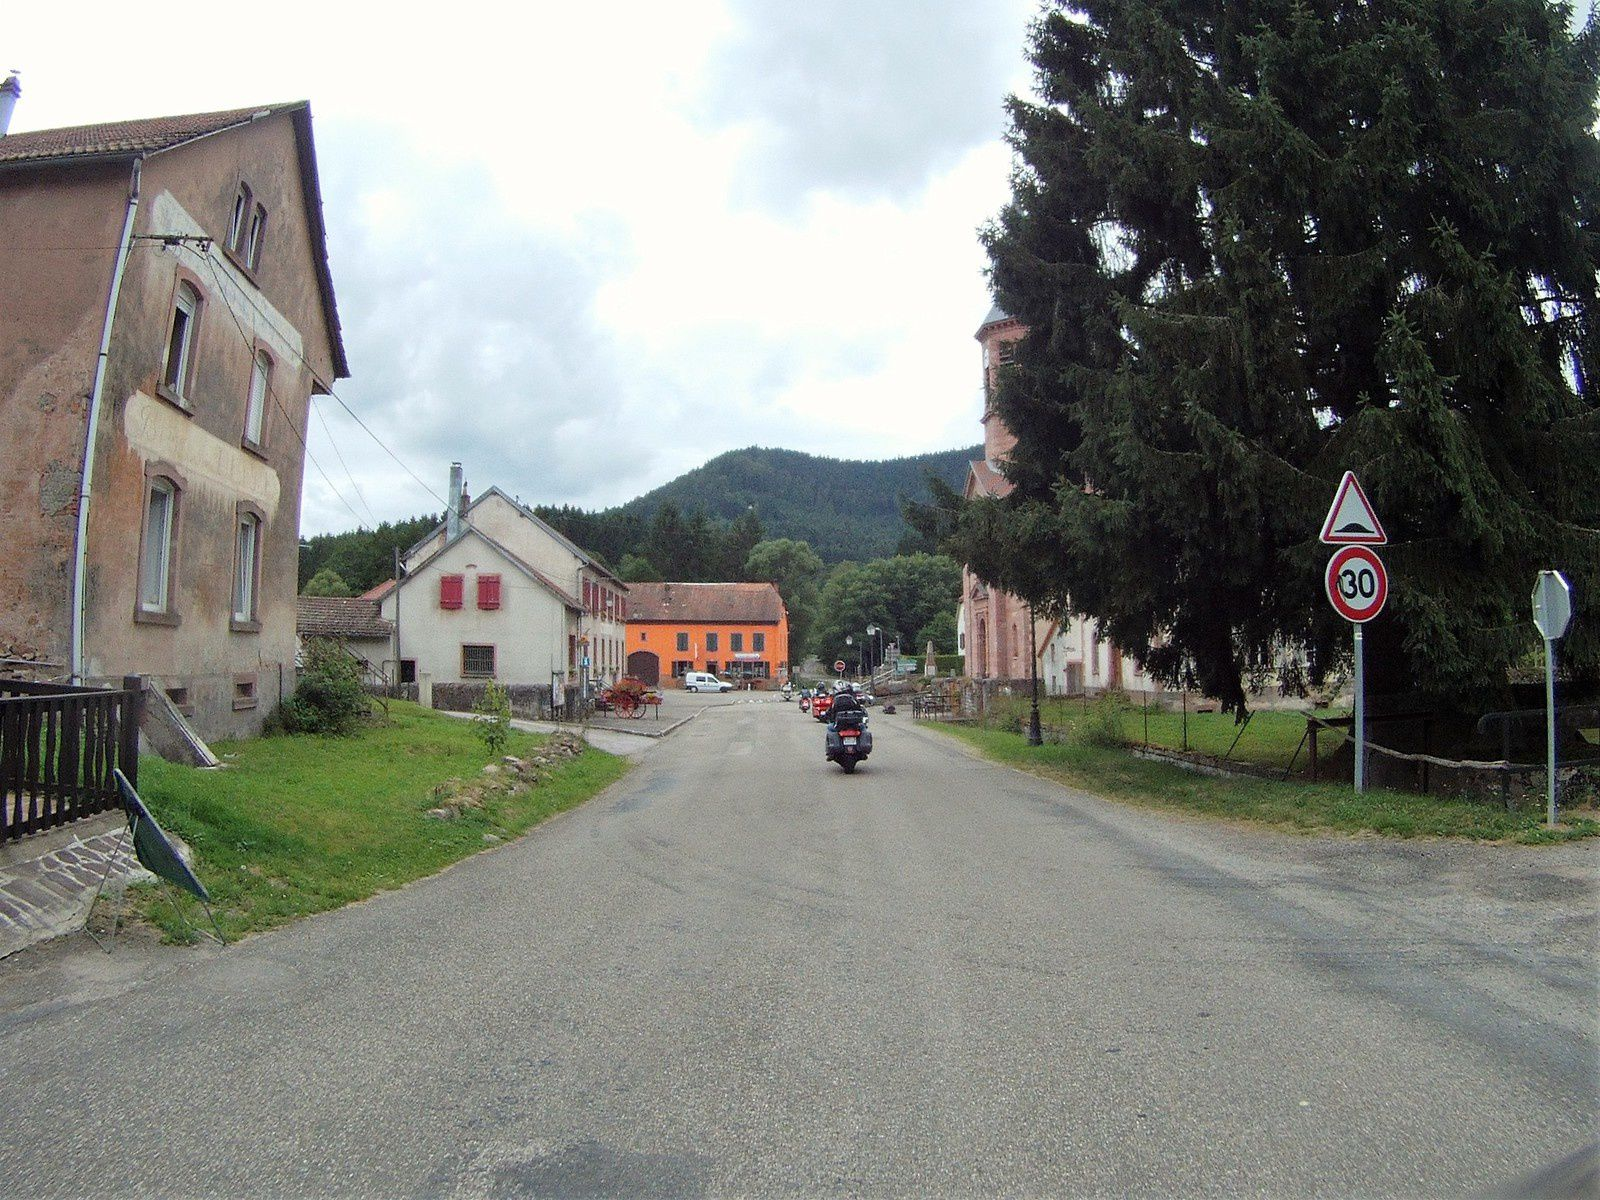 Goldwing - ballade au gré du vent, route des vins et dans les Vosges